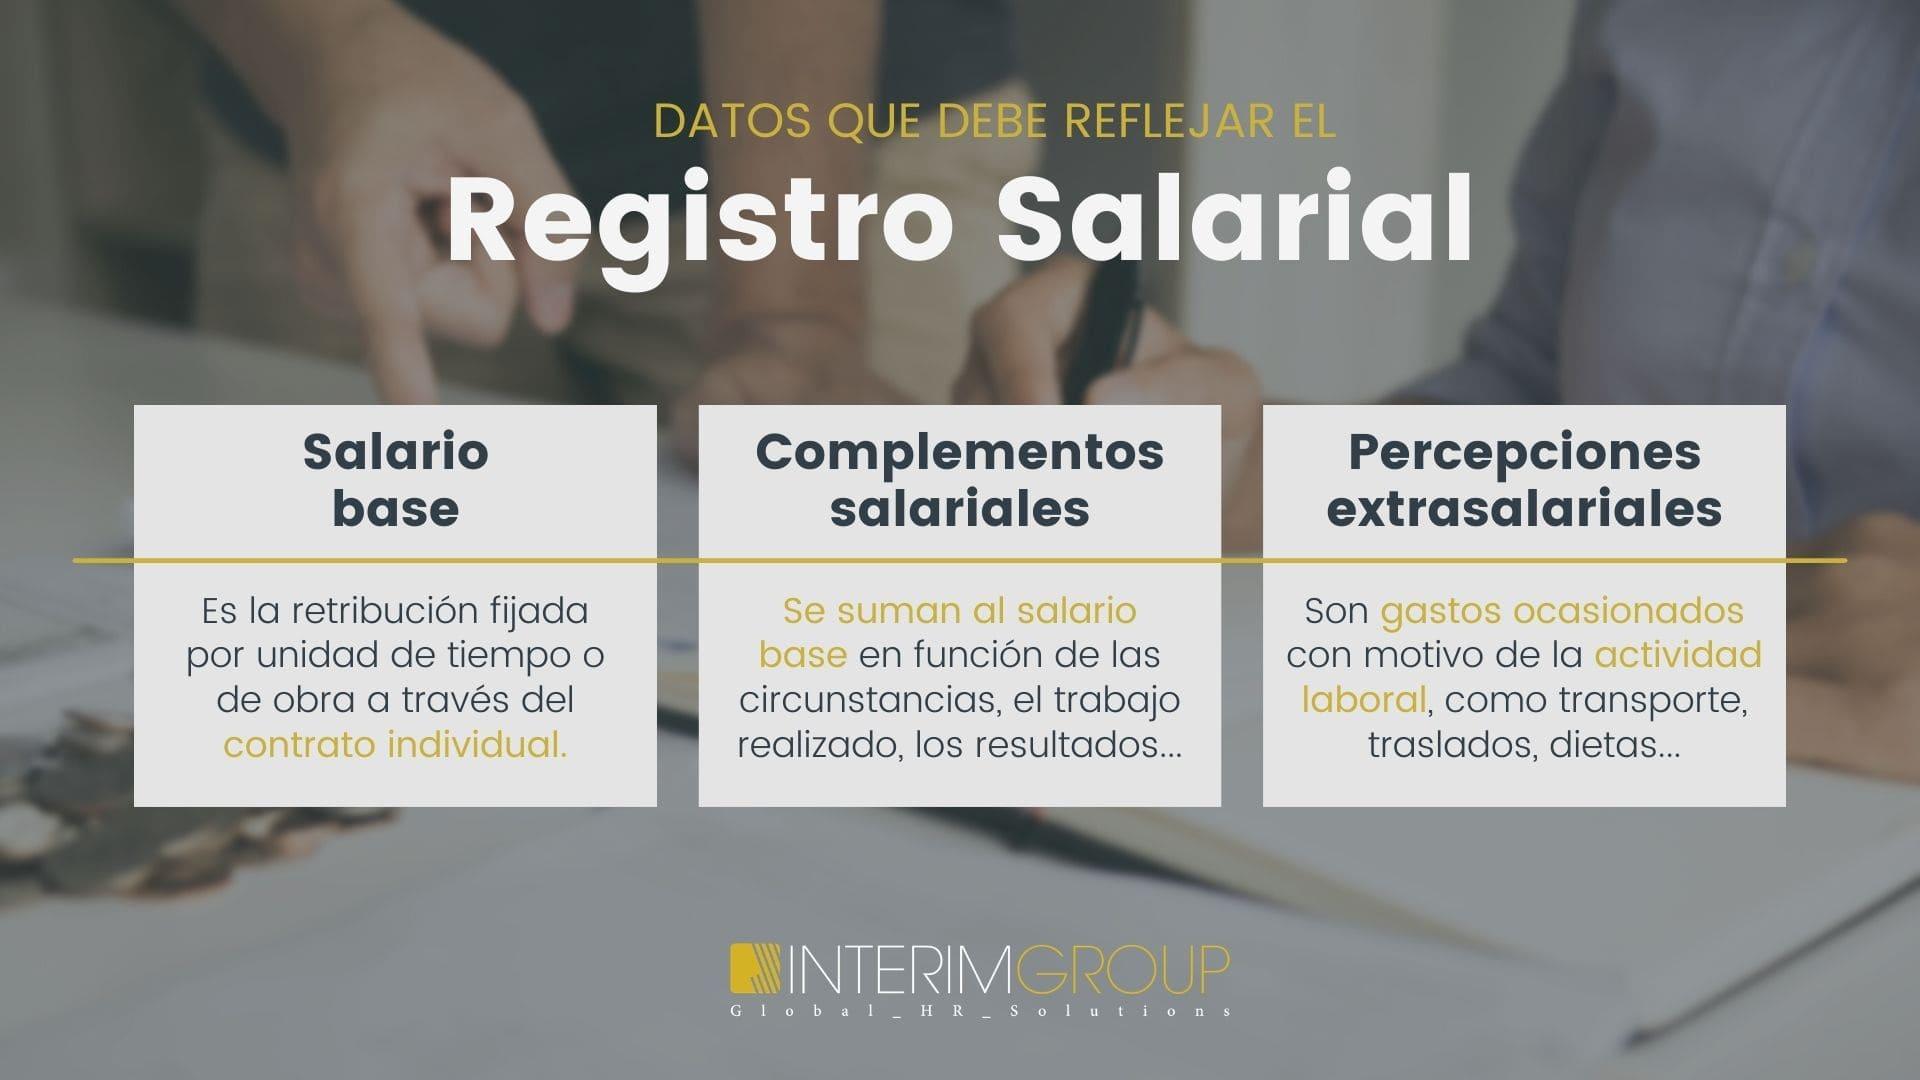 Registro-Salarial-Obligatorio-imagen2_NTERIM_GROUP